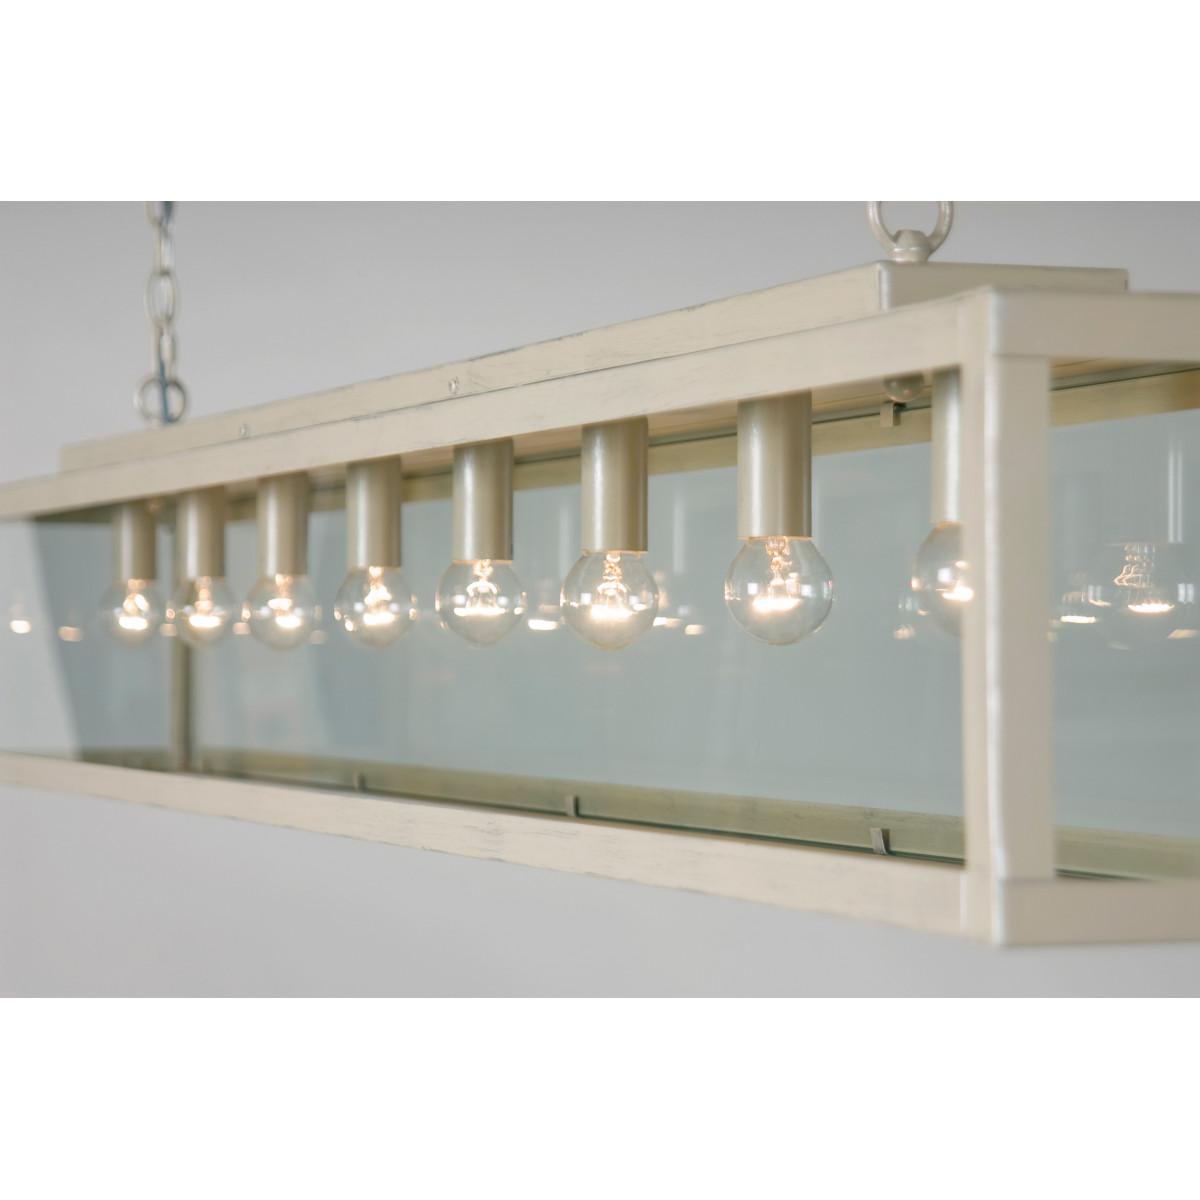 Hanglamp Zenia in 9 kleuren! (LV53343/GB) -  - Hanglampen